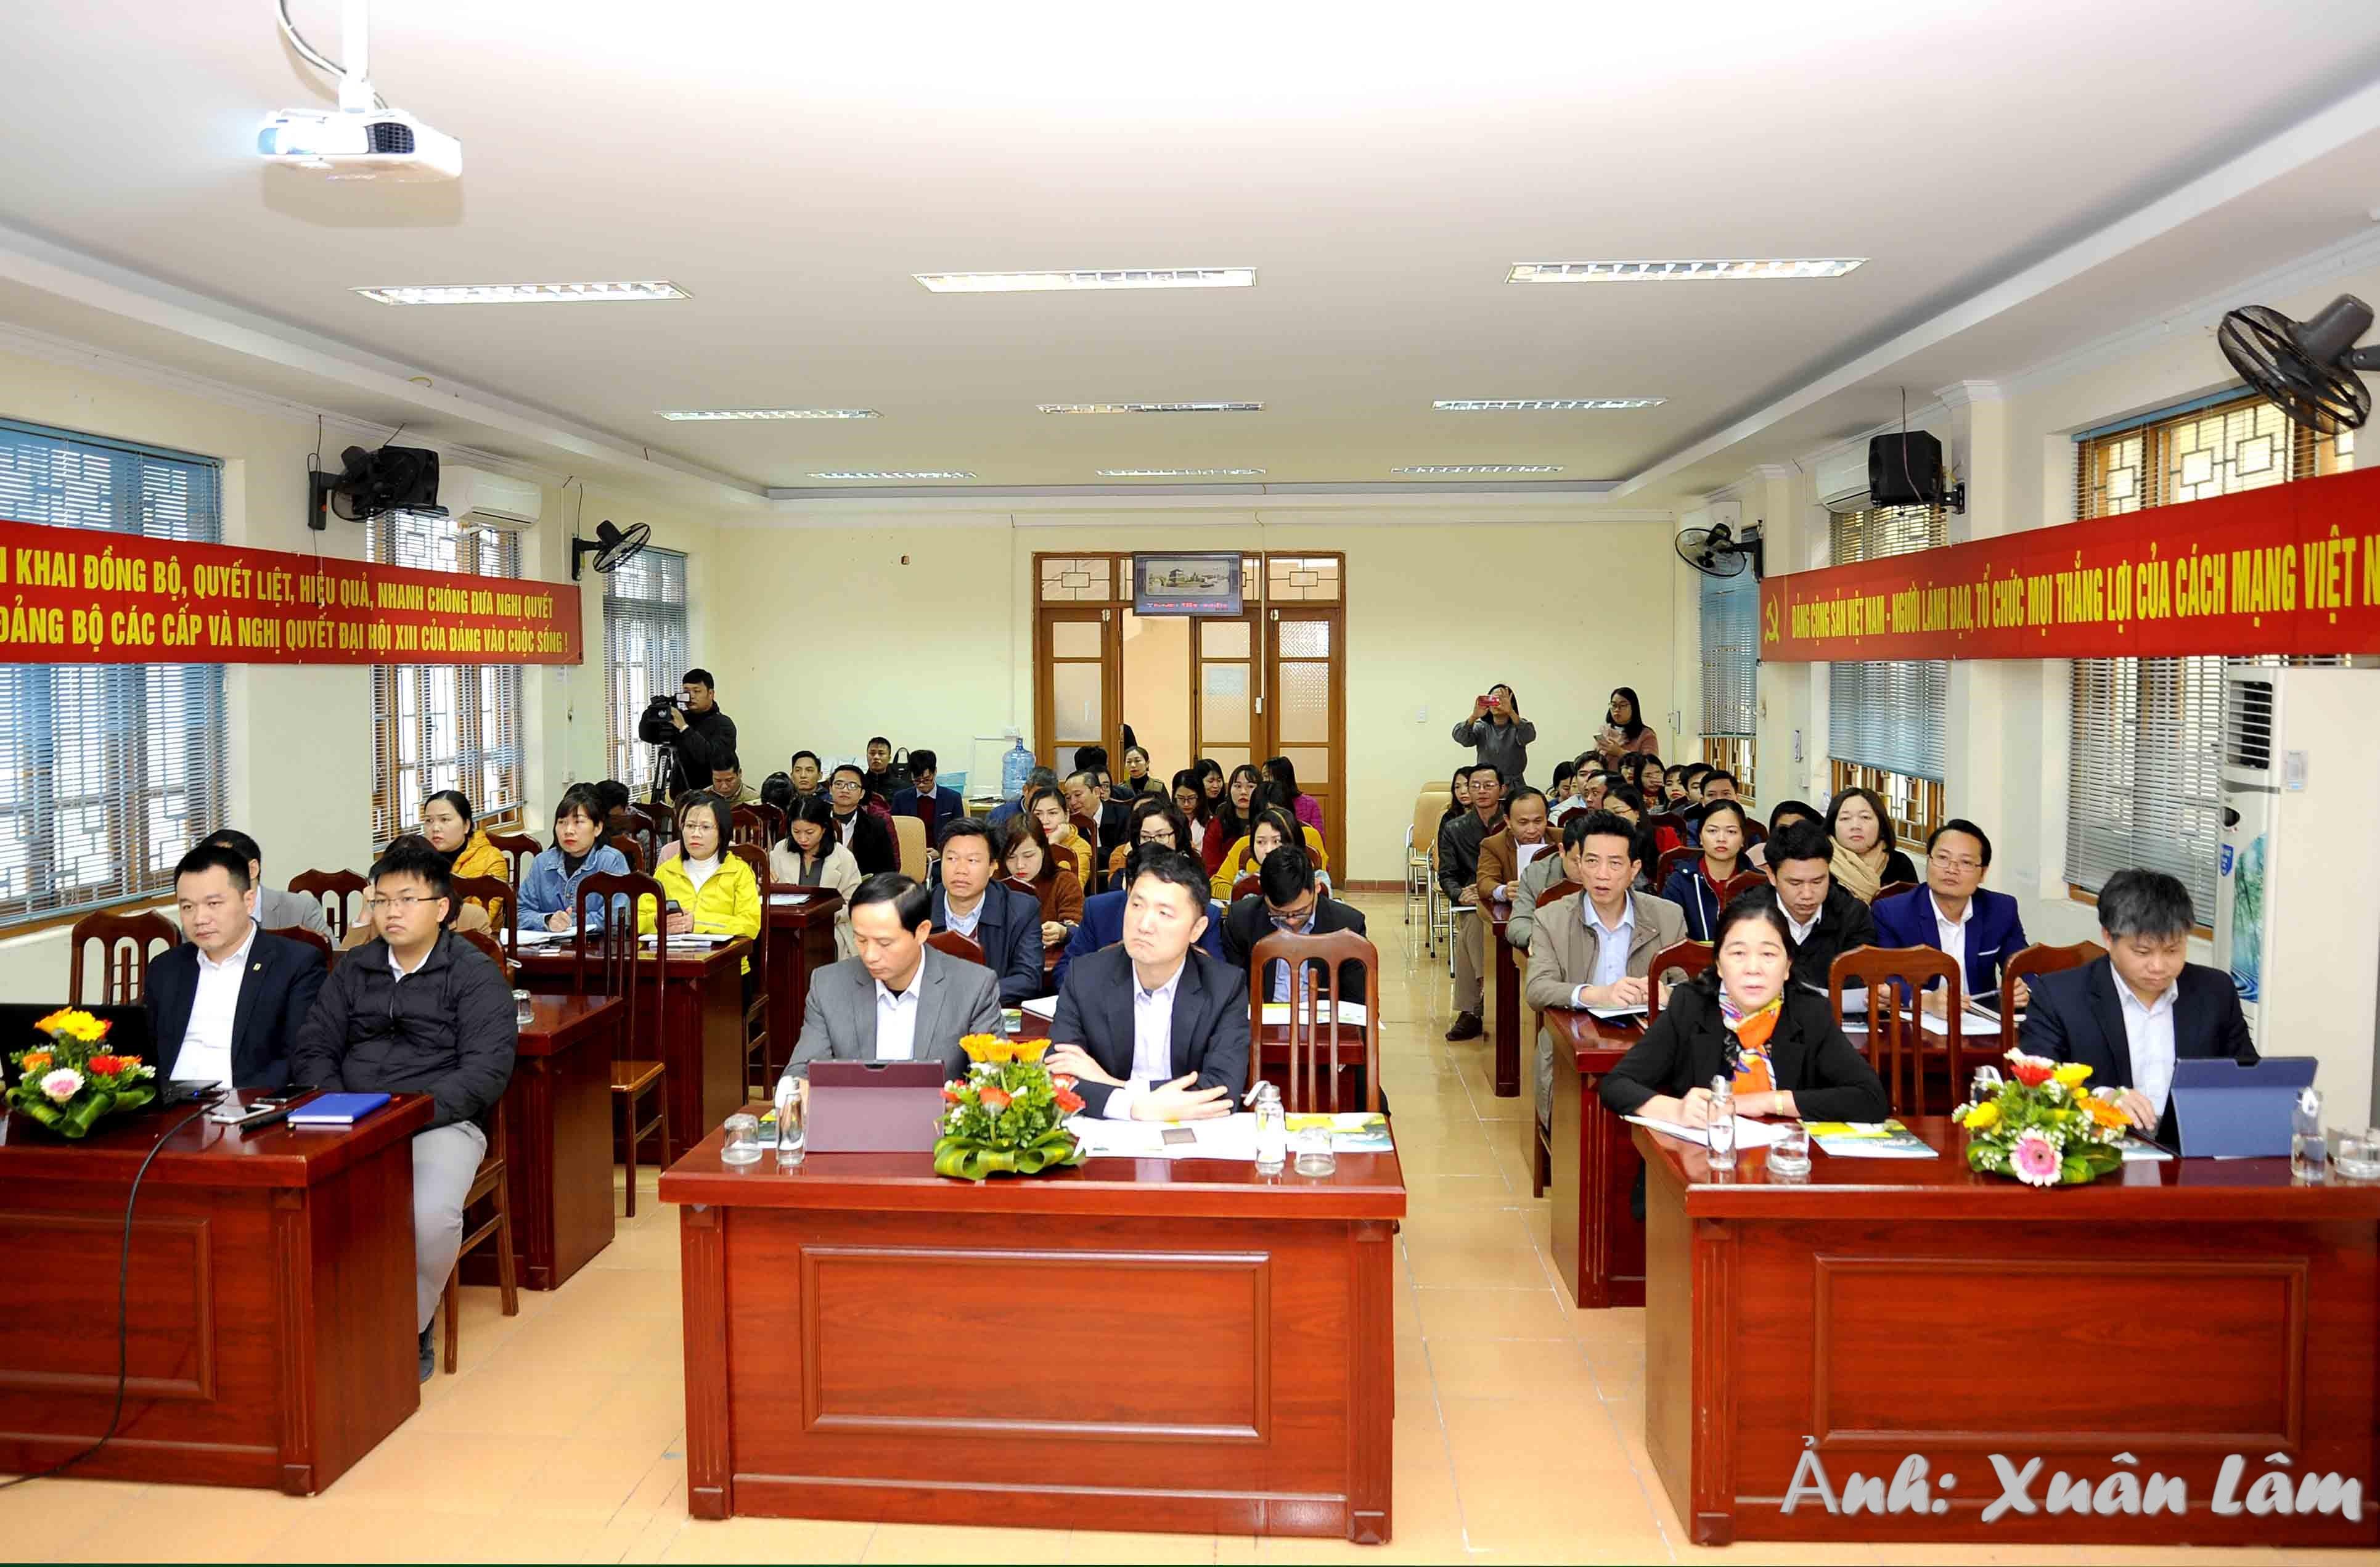 Hội nghị tập huấn ứng dụng chuyển đổi số ngành du lịch Ninh Bình